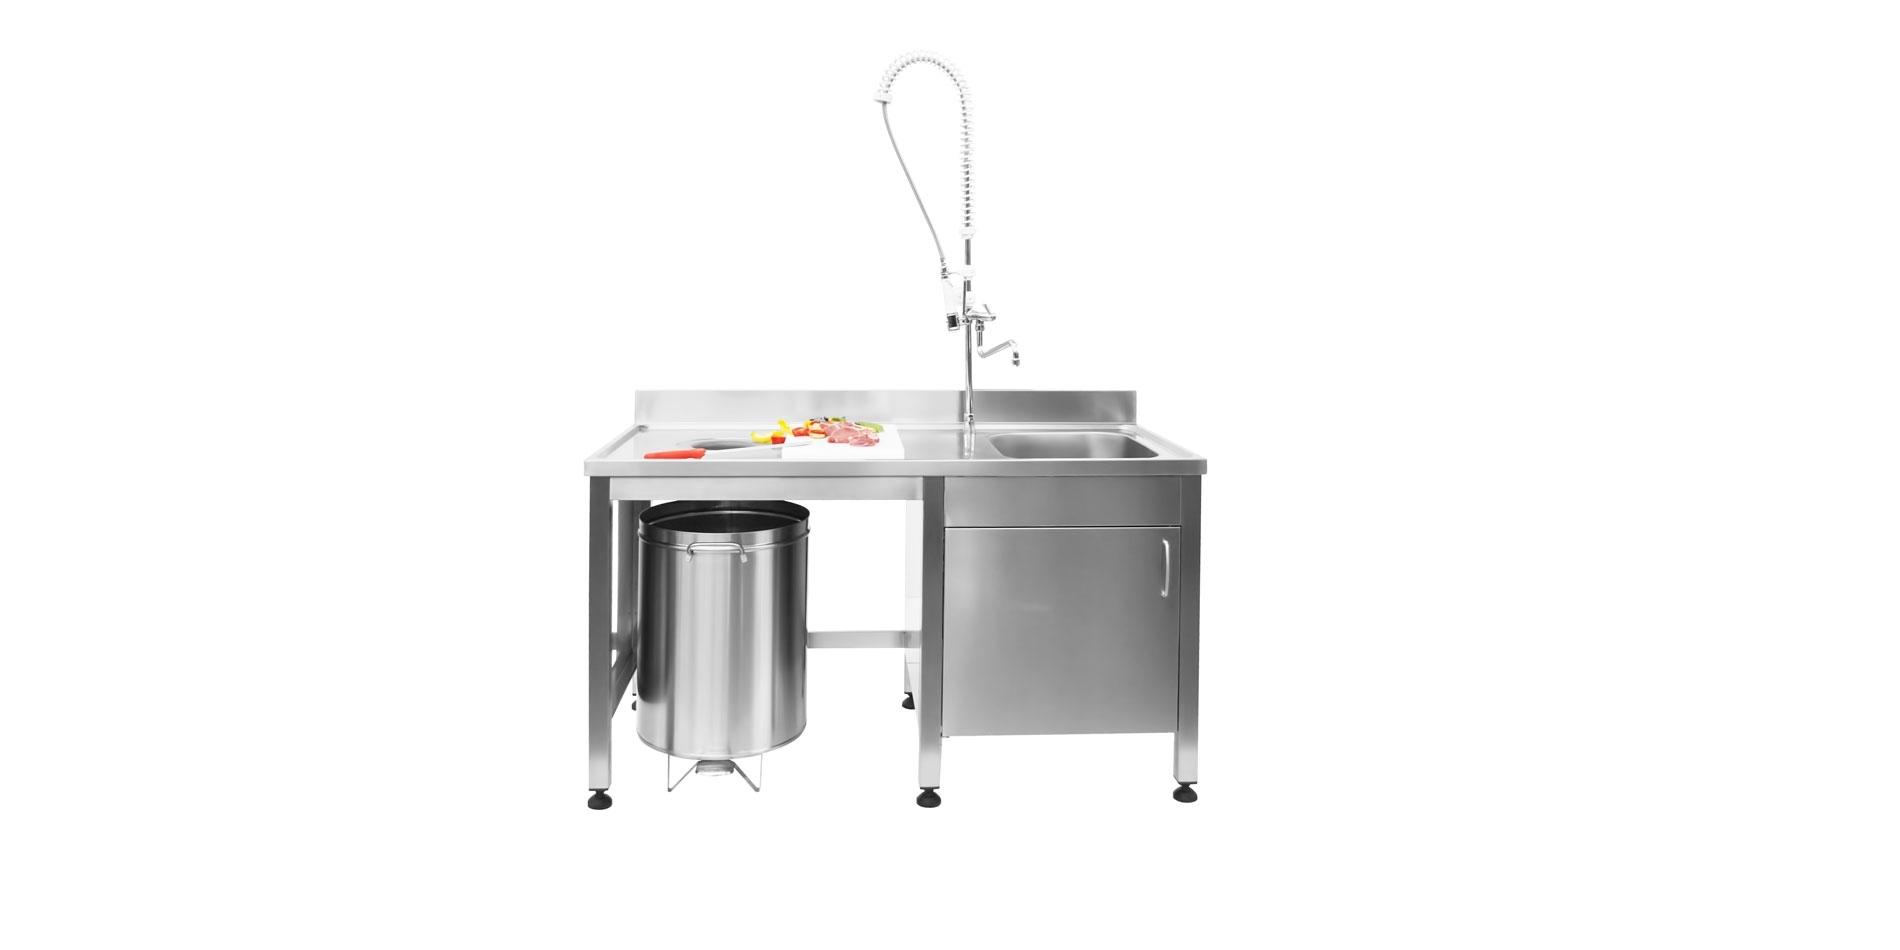 Mobili Cucina Professionale Acciaio.Lavelli Professionali In Acciaio Inox Scaminox